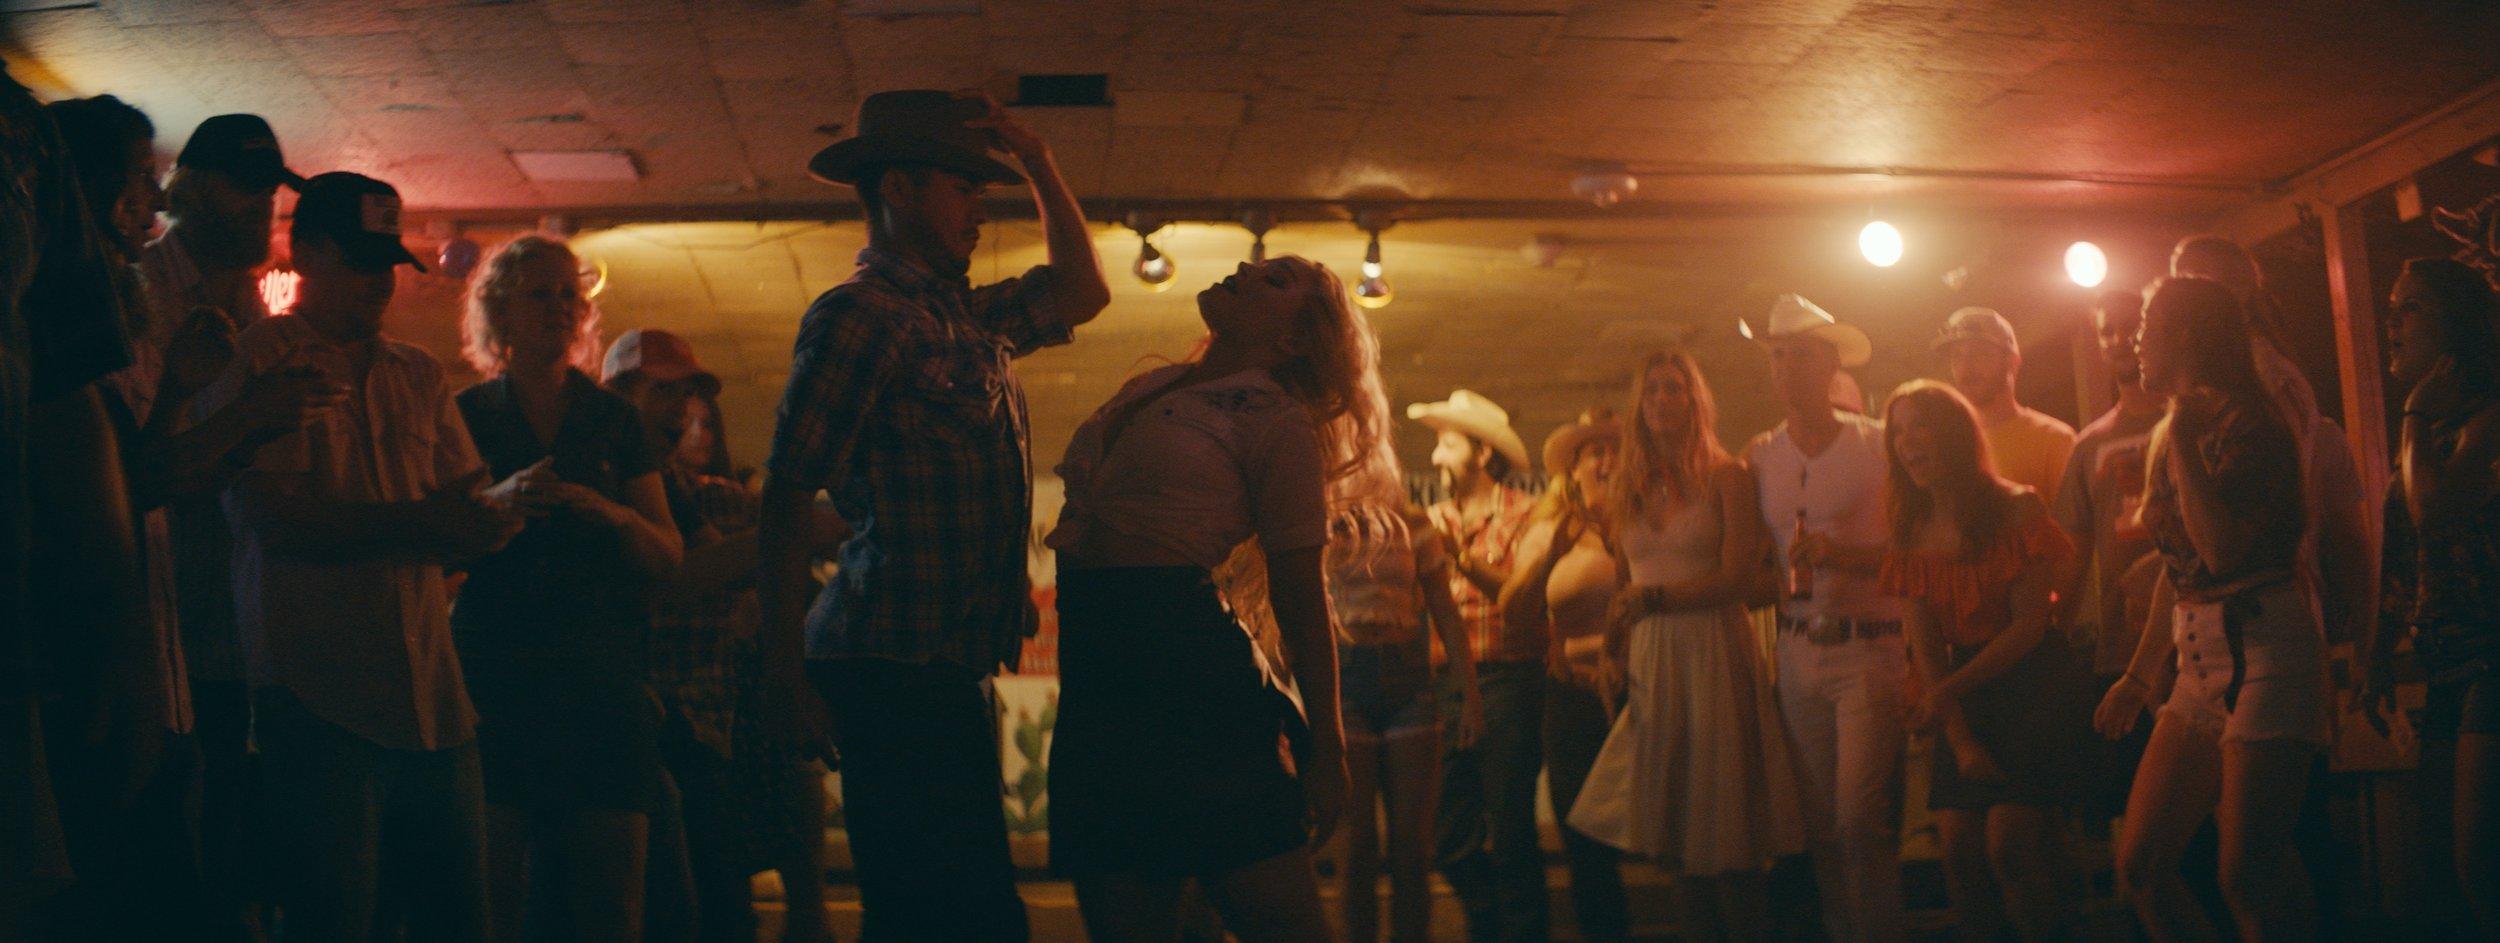 BS_DANCE_BettyBar_v2.jpg